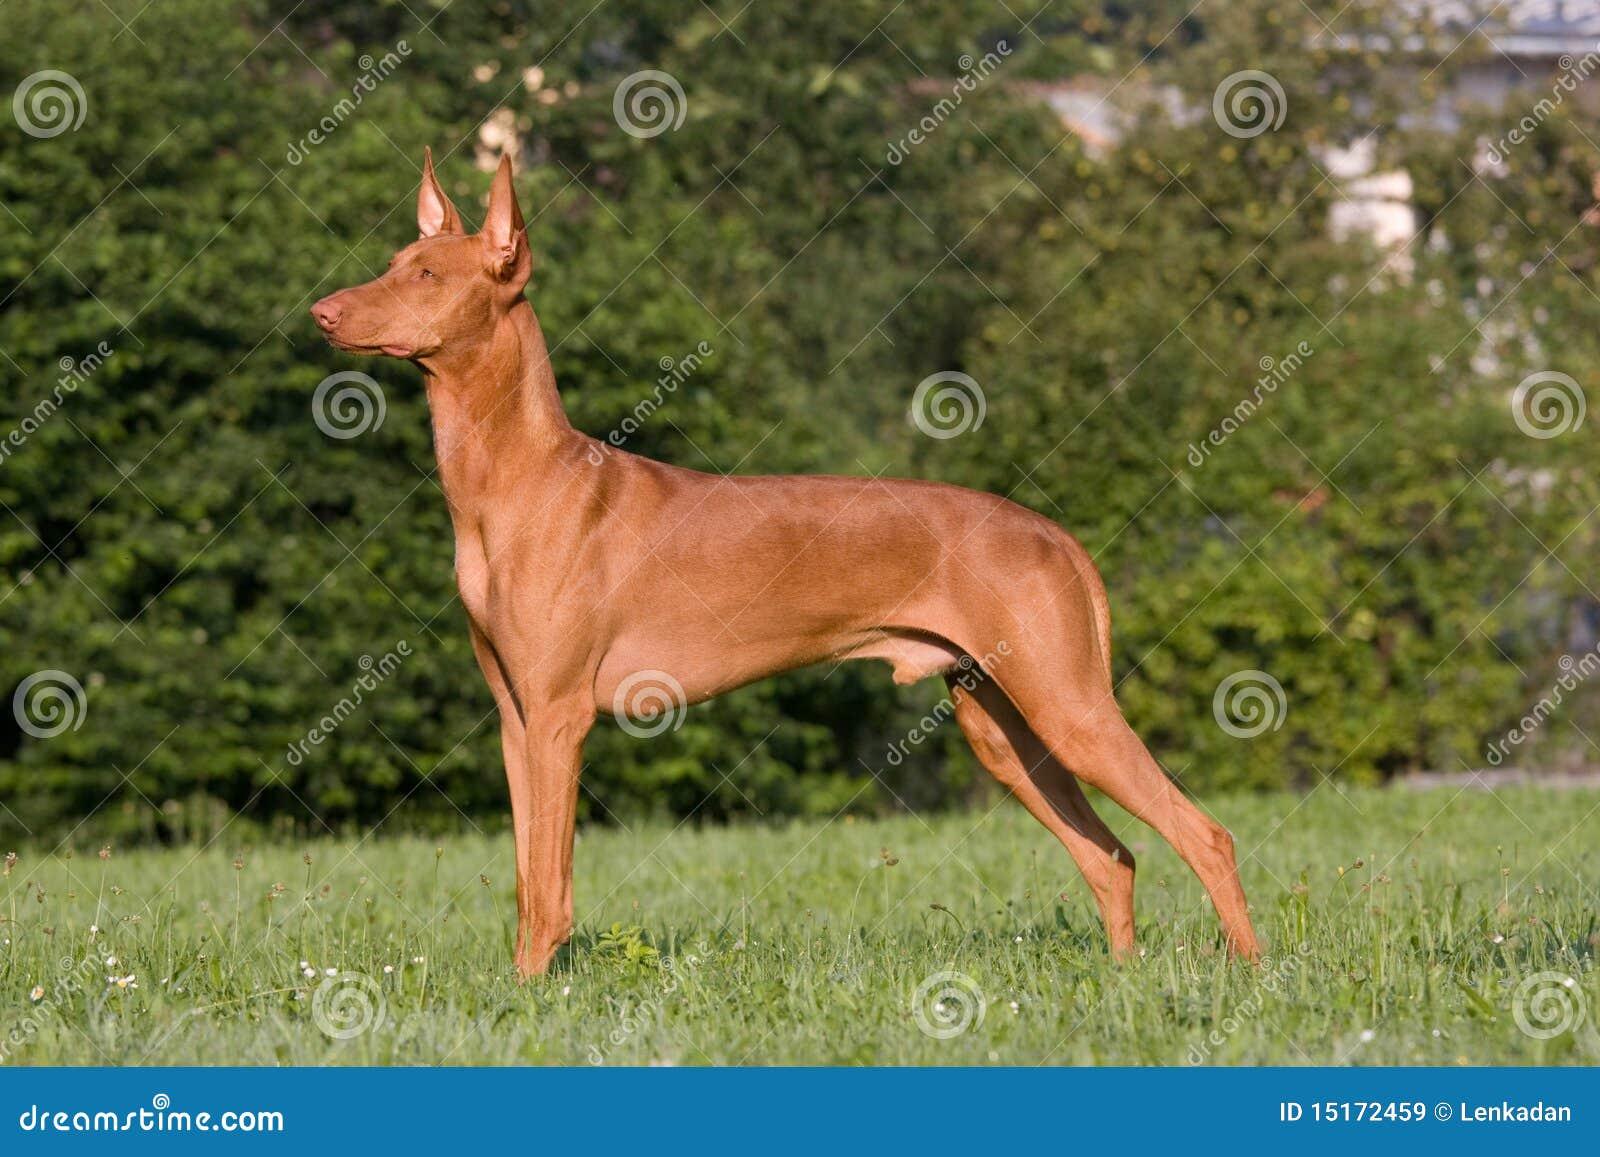 Hund In Einer Wiese - Pharao-Jagdhund Lizenzfreie Stockbilder - Bild ... Adorable